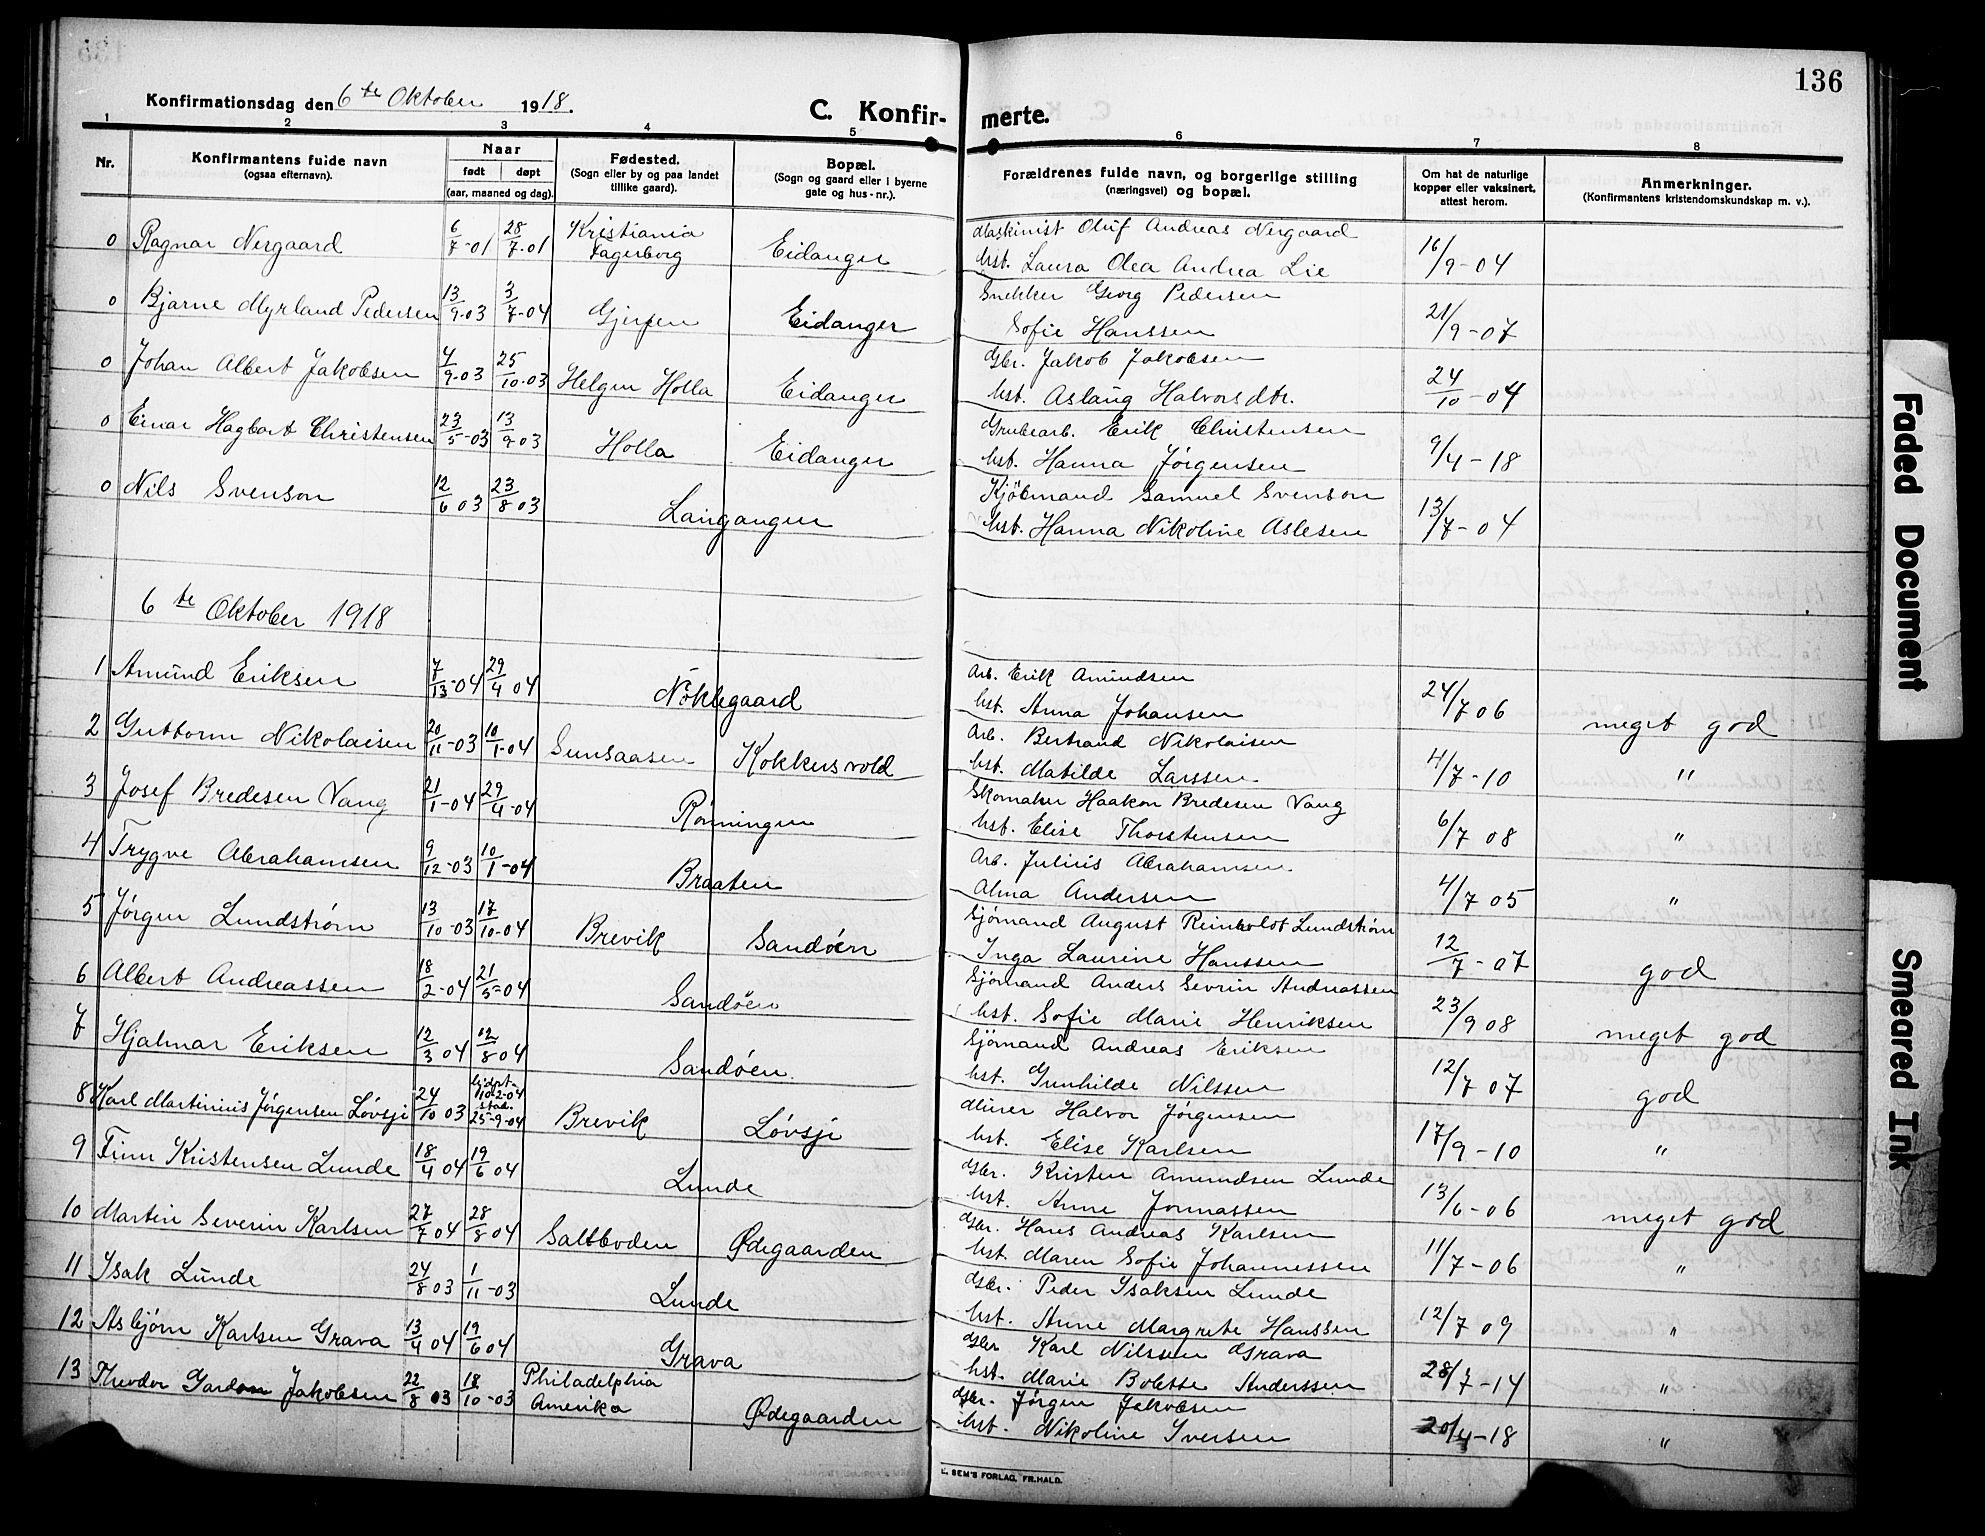 SAKO, Eidanger kirkebøker, G/Ga/L0004: Klokkerbok nr. 4, 1912-1927, s. 136